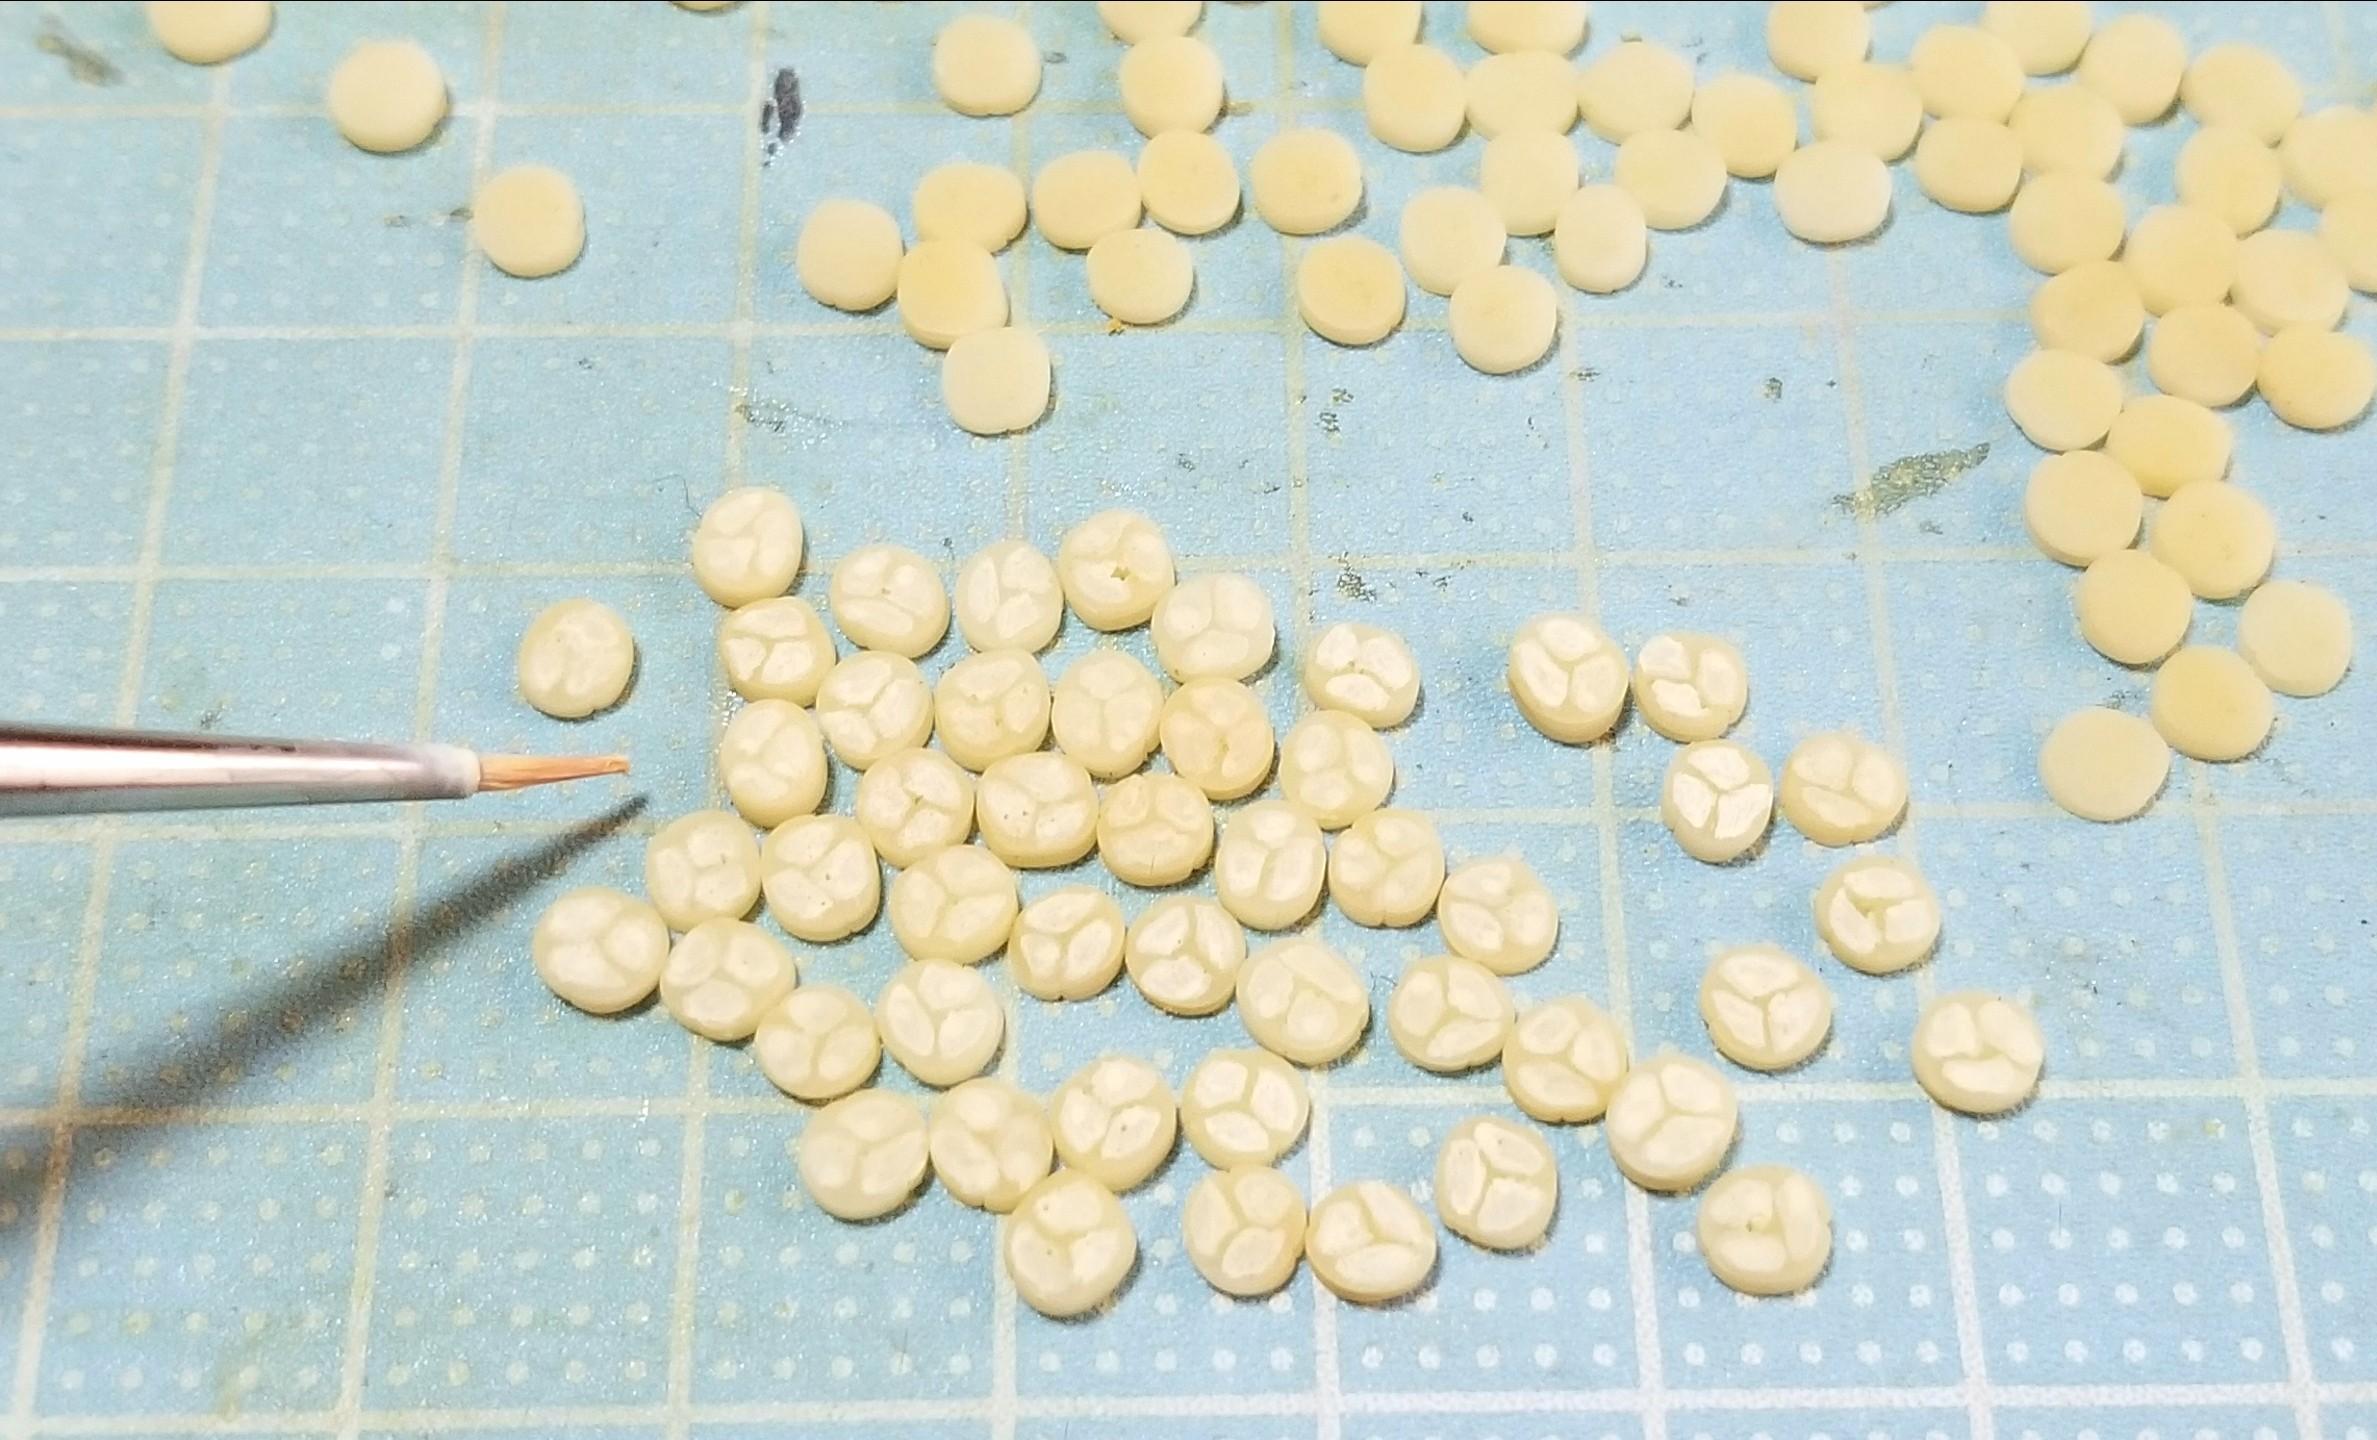 ミニチュアフード,スライスバナナ,作り方,着色,樹脂粘土,ドール